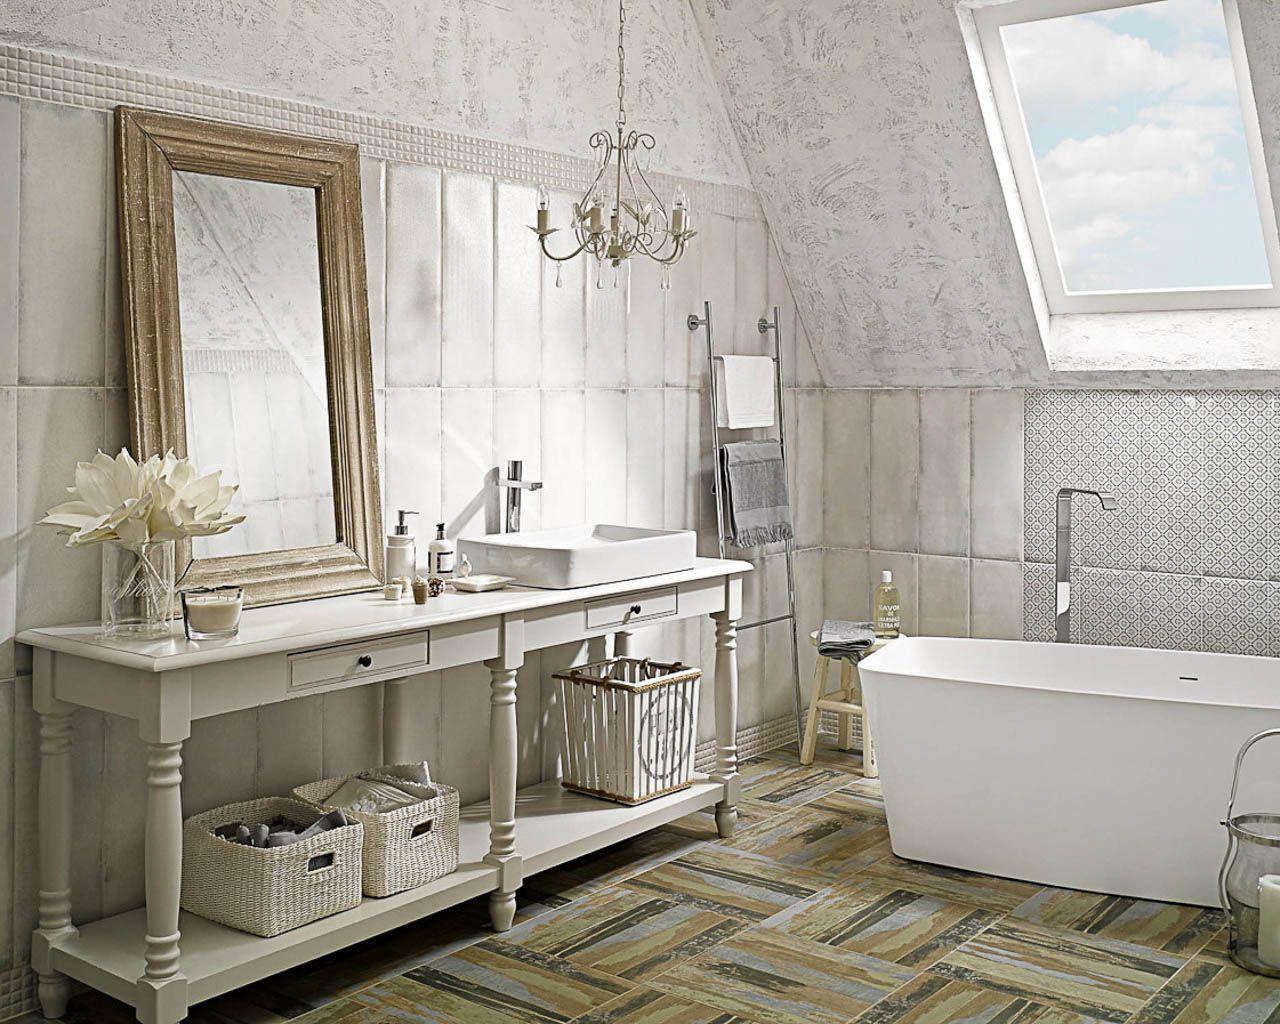 jasna azienka na poddaszu w stylu rustykalnym ceramika parady. Black Bedroom Furniture Sets. Home Design Ideas